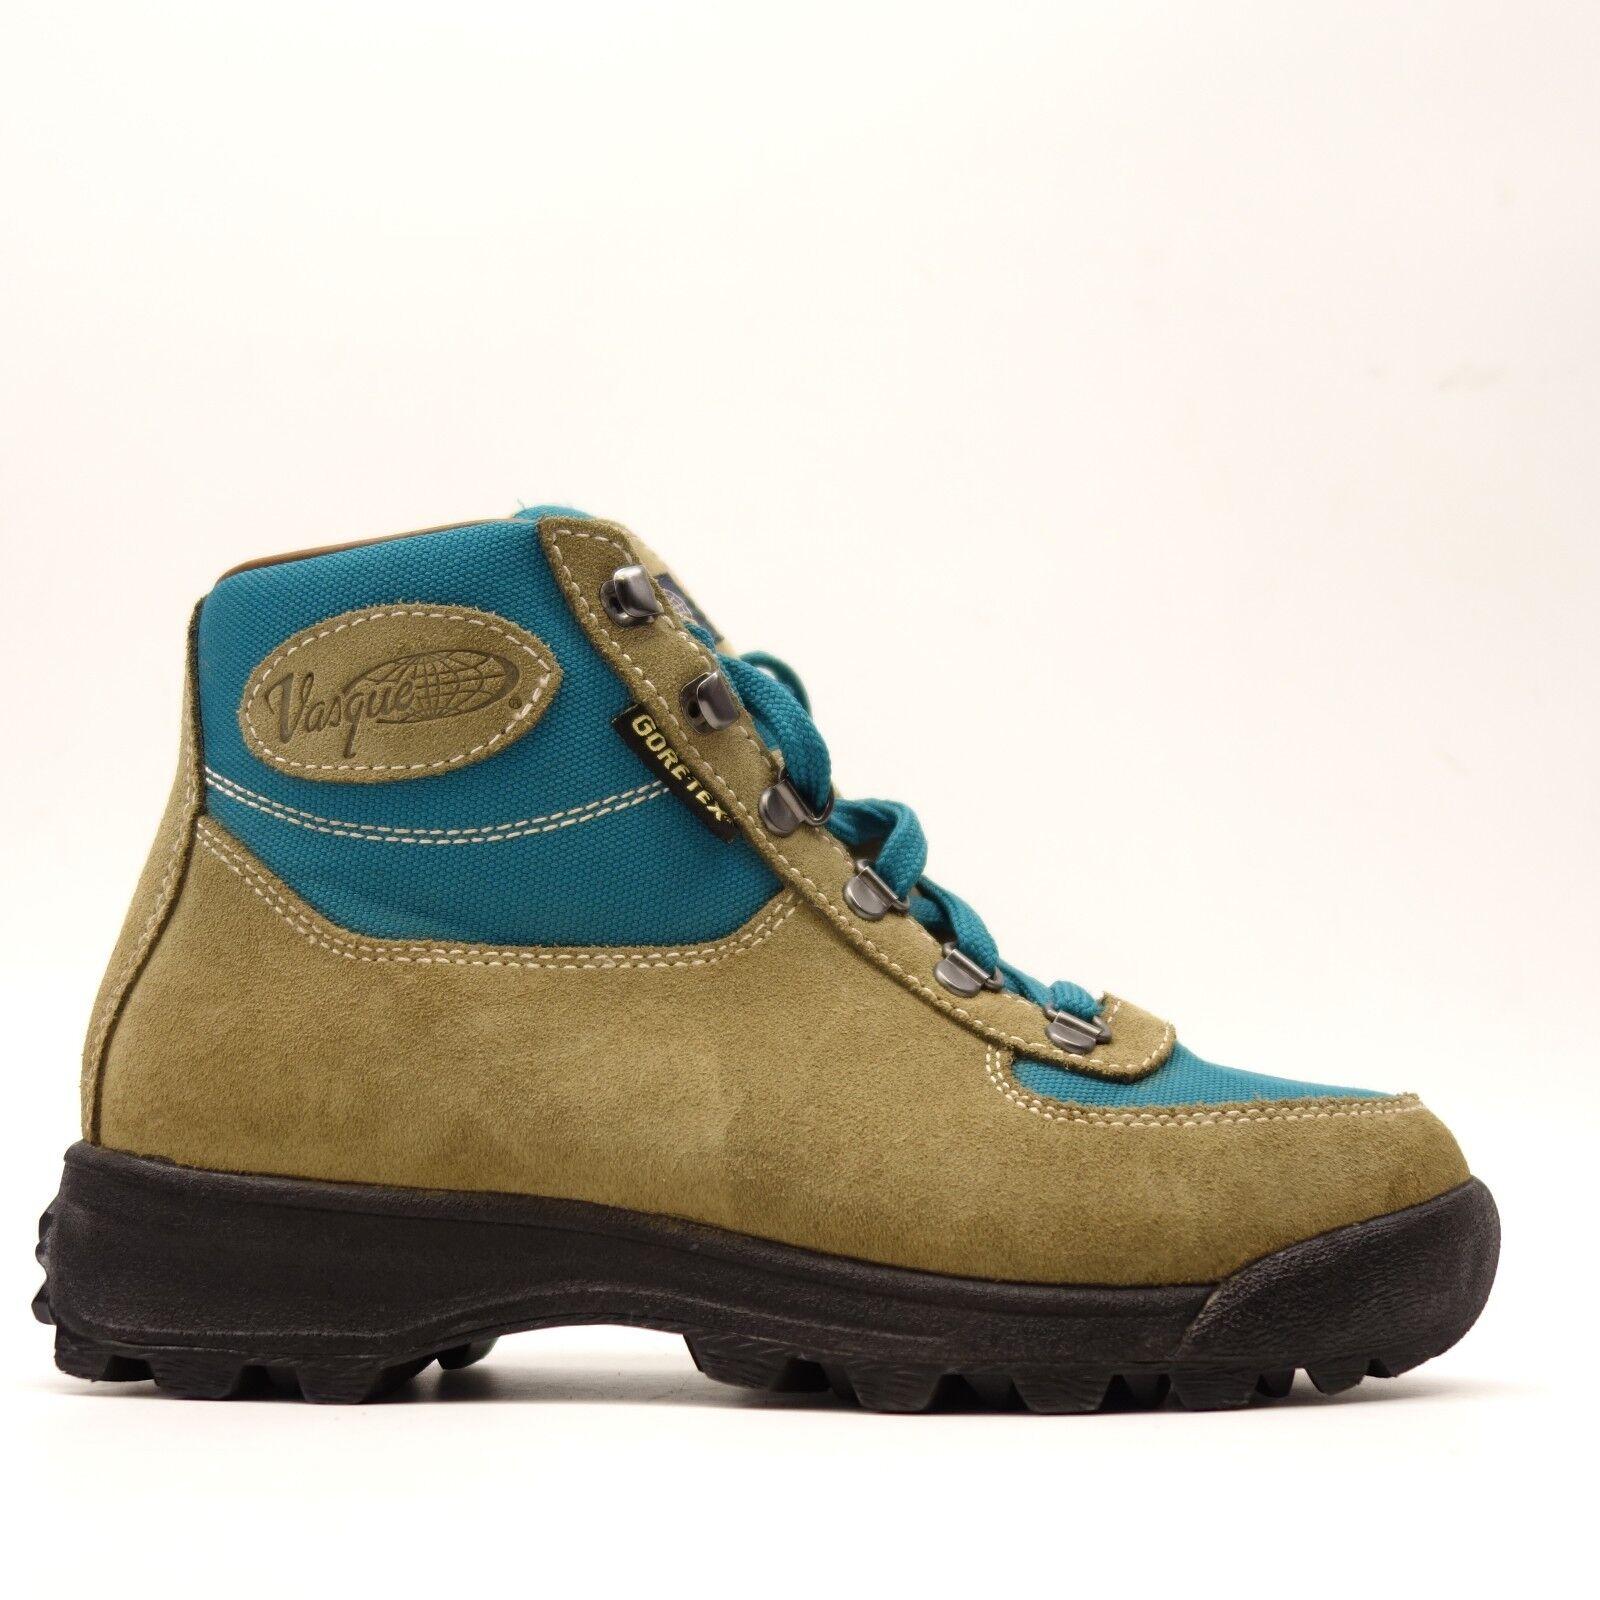 fino al 50% di sconto Vasque Donna Donna Donna Skywalk GTX Goretex Impermeabile Atletico da Trekking Stivali  ordina adesso